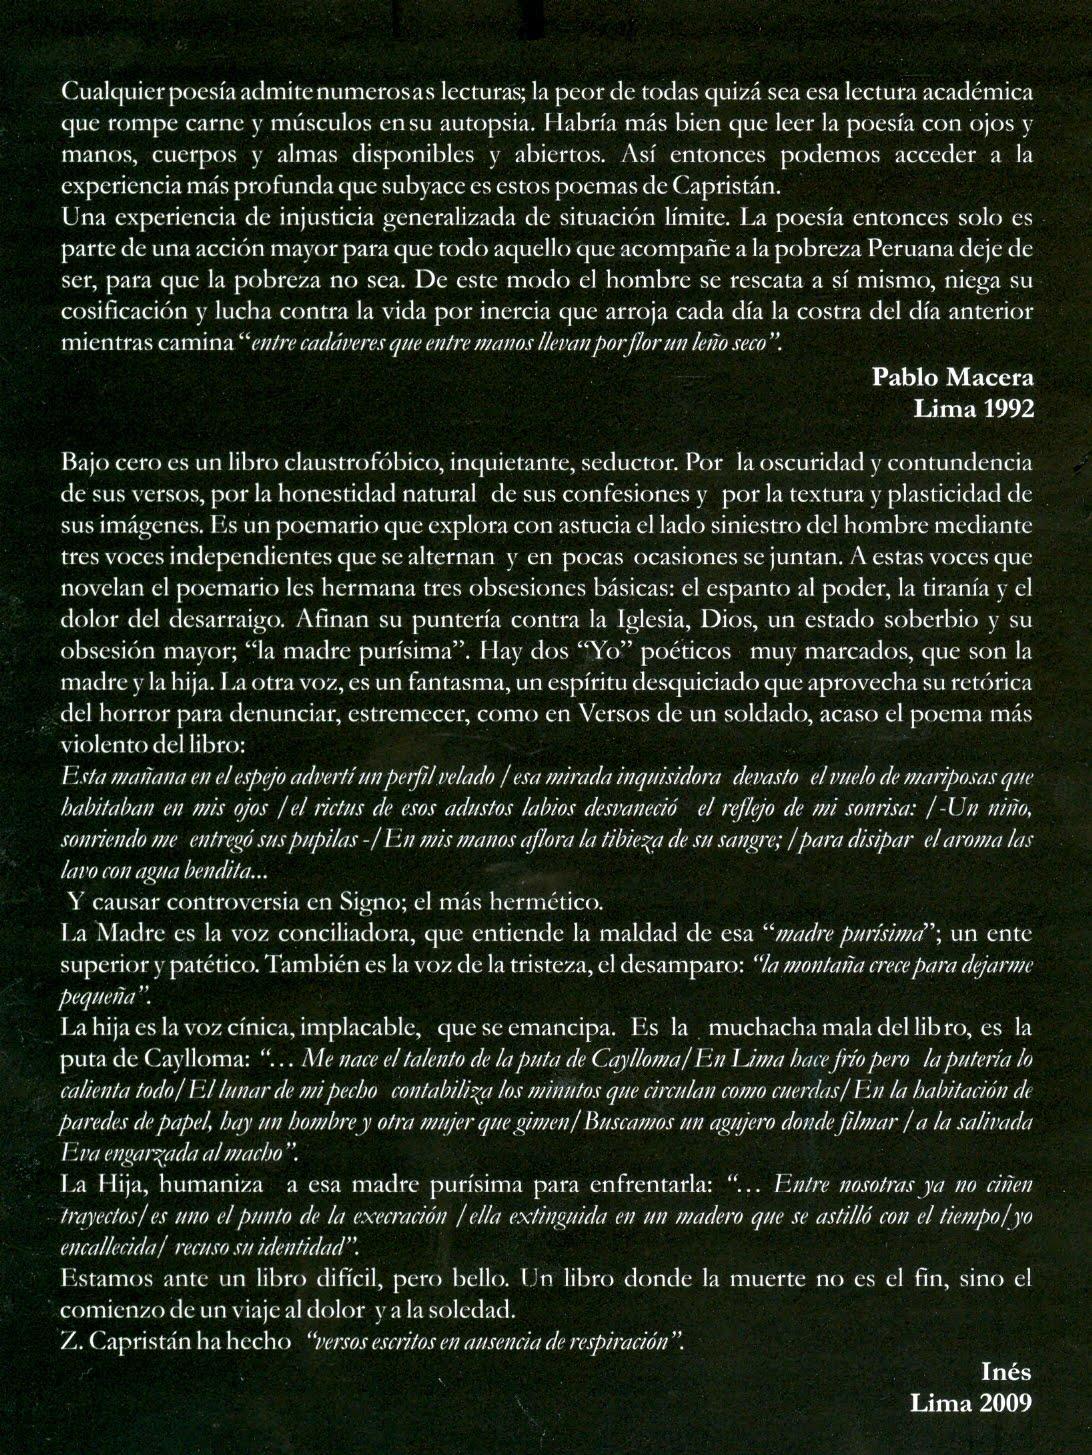 9b72d9649f01 REPÚBLICA DEL PERÚ EN LA CORDILLERA DE LOS ANDES AMÉRICA 2011  29 11 ...